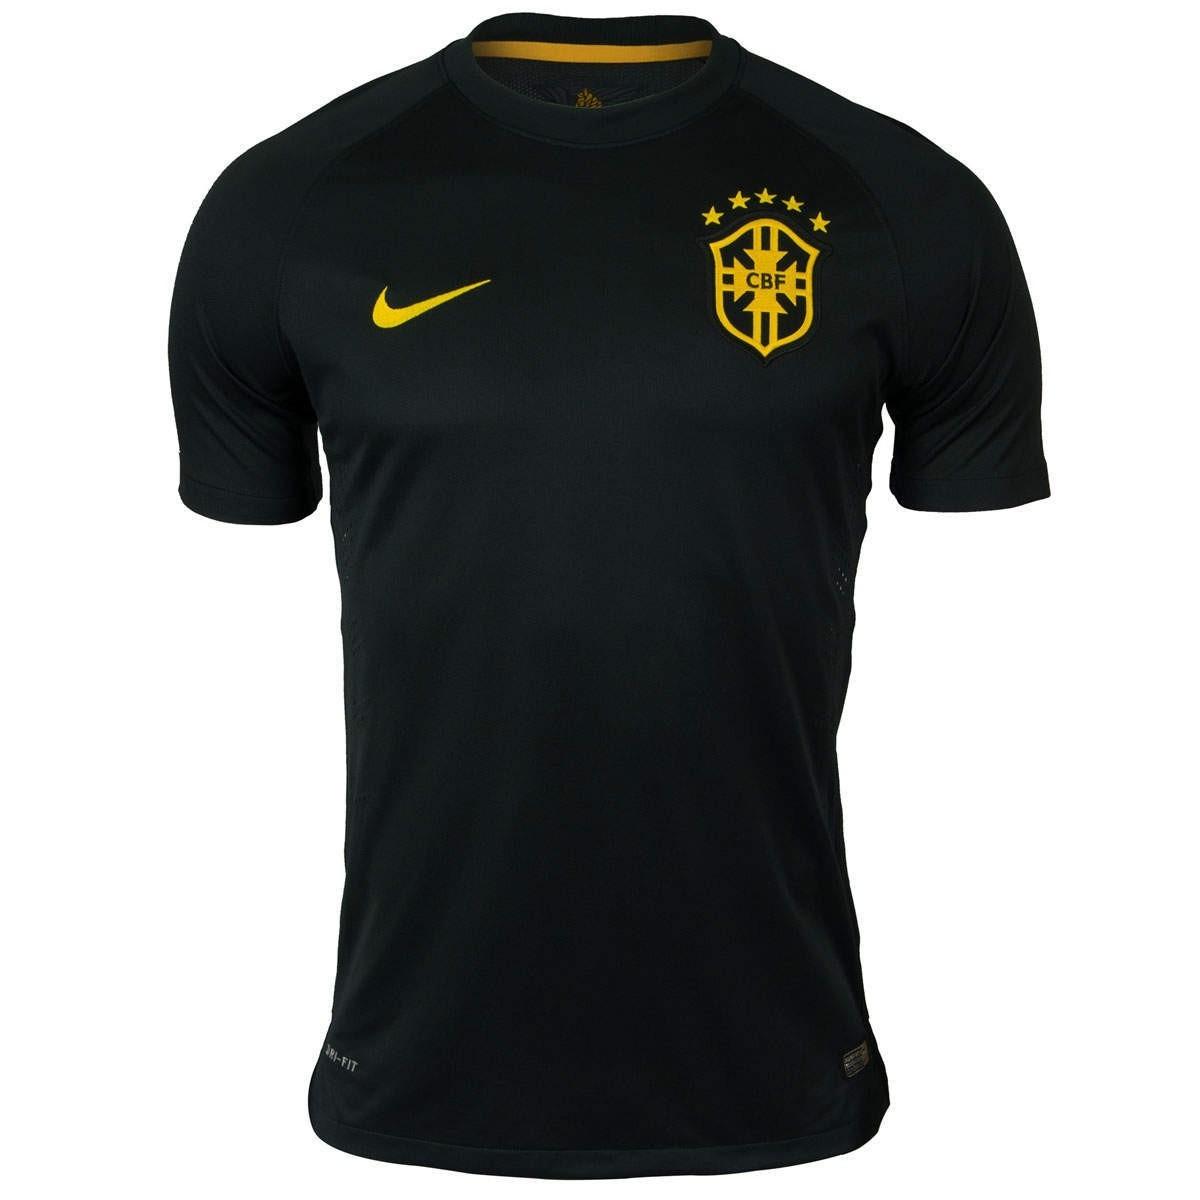 camisa brasil oficial nike verde jogador frete gratis. Carregando zoom. 5a1c65b4559f5